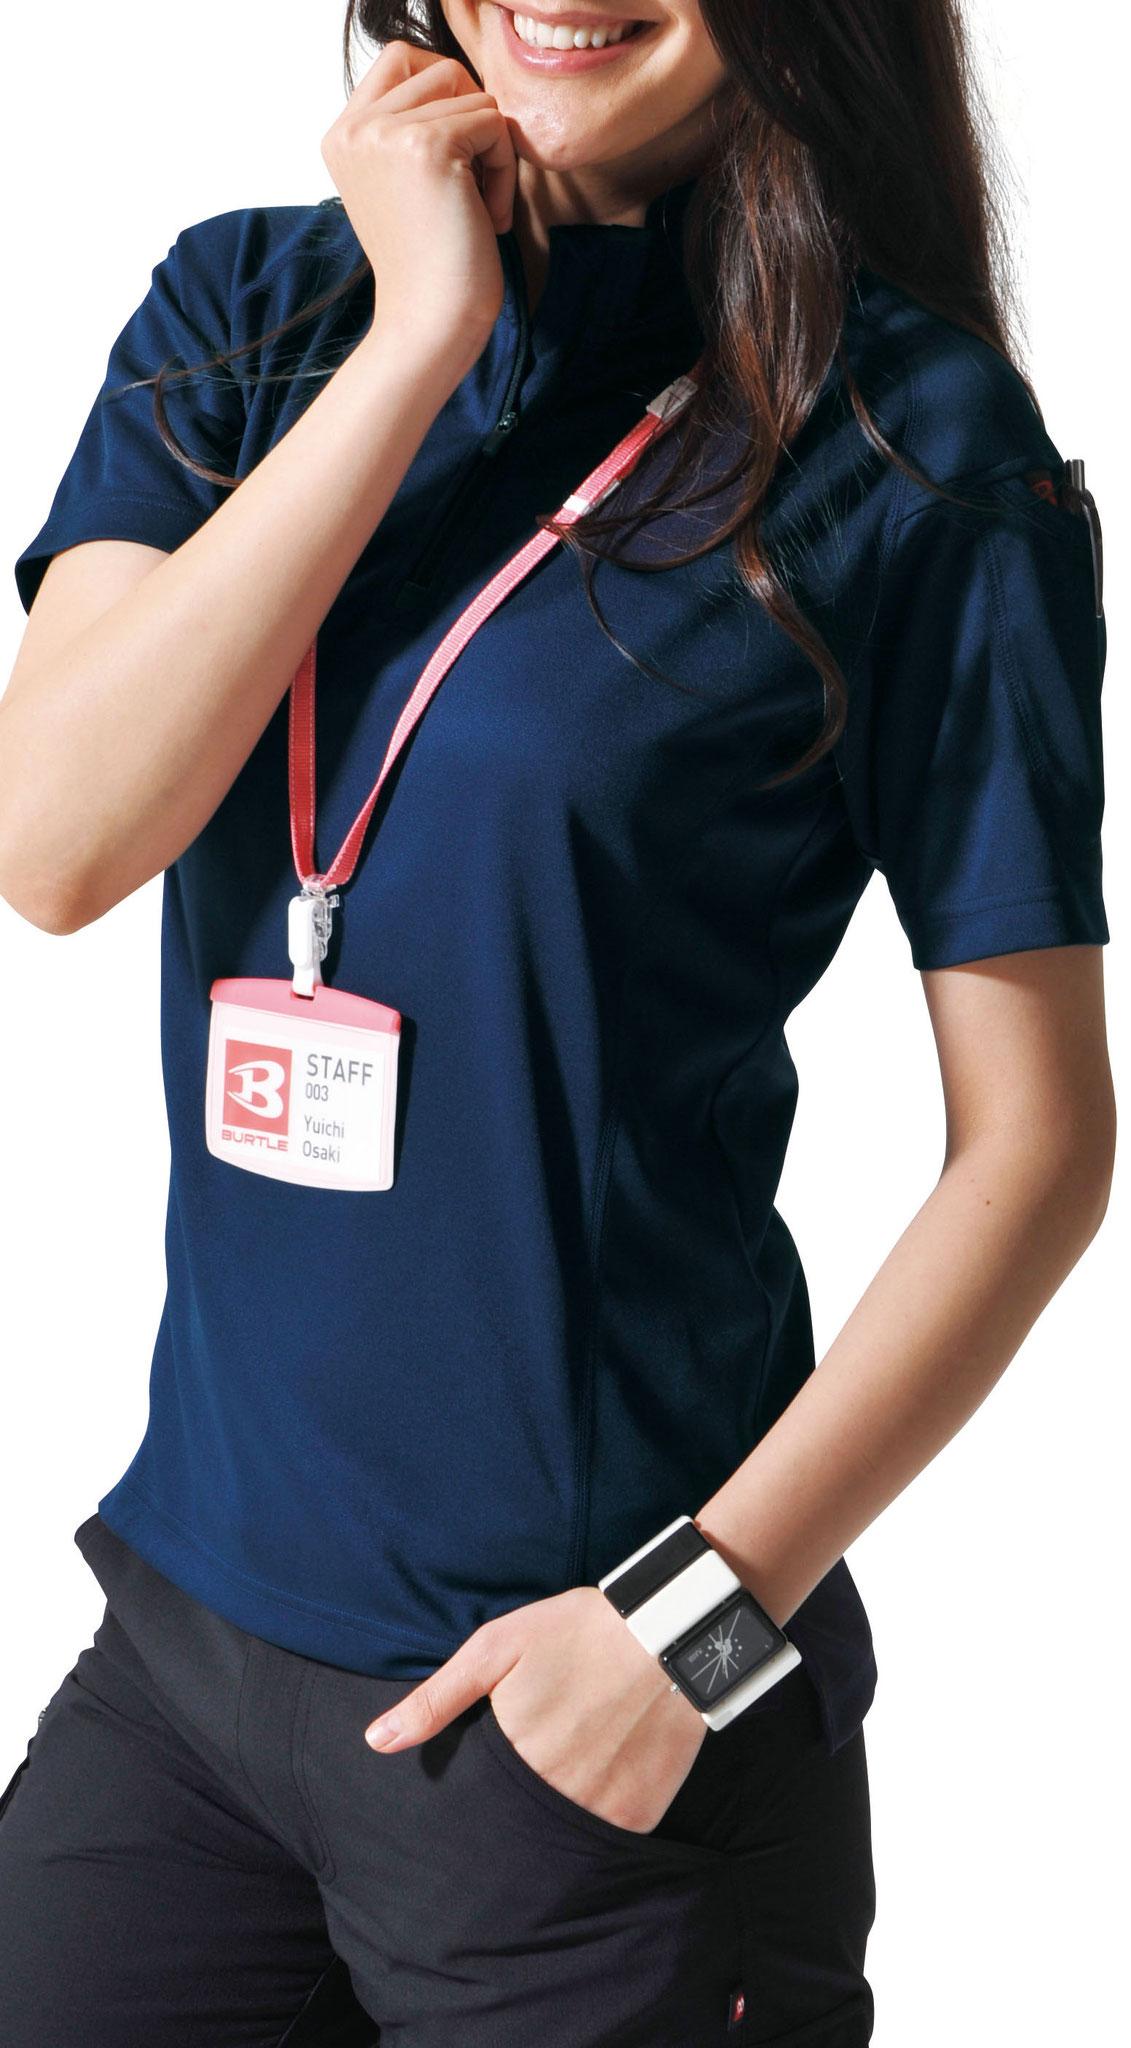 BURTLE 415 半袖ジップシャツもあります。こちらも地域1番やしー価格 ¥1,890(税込)で販売中!!